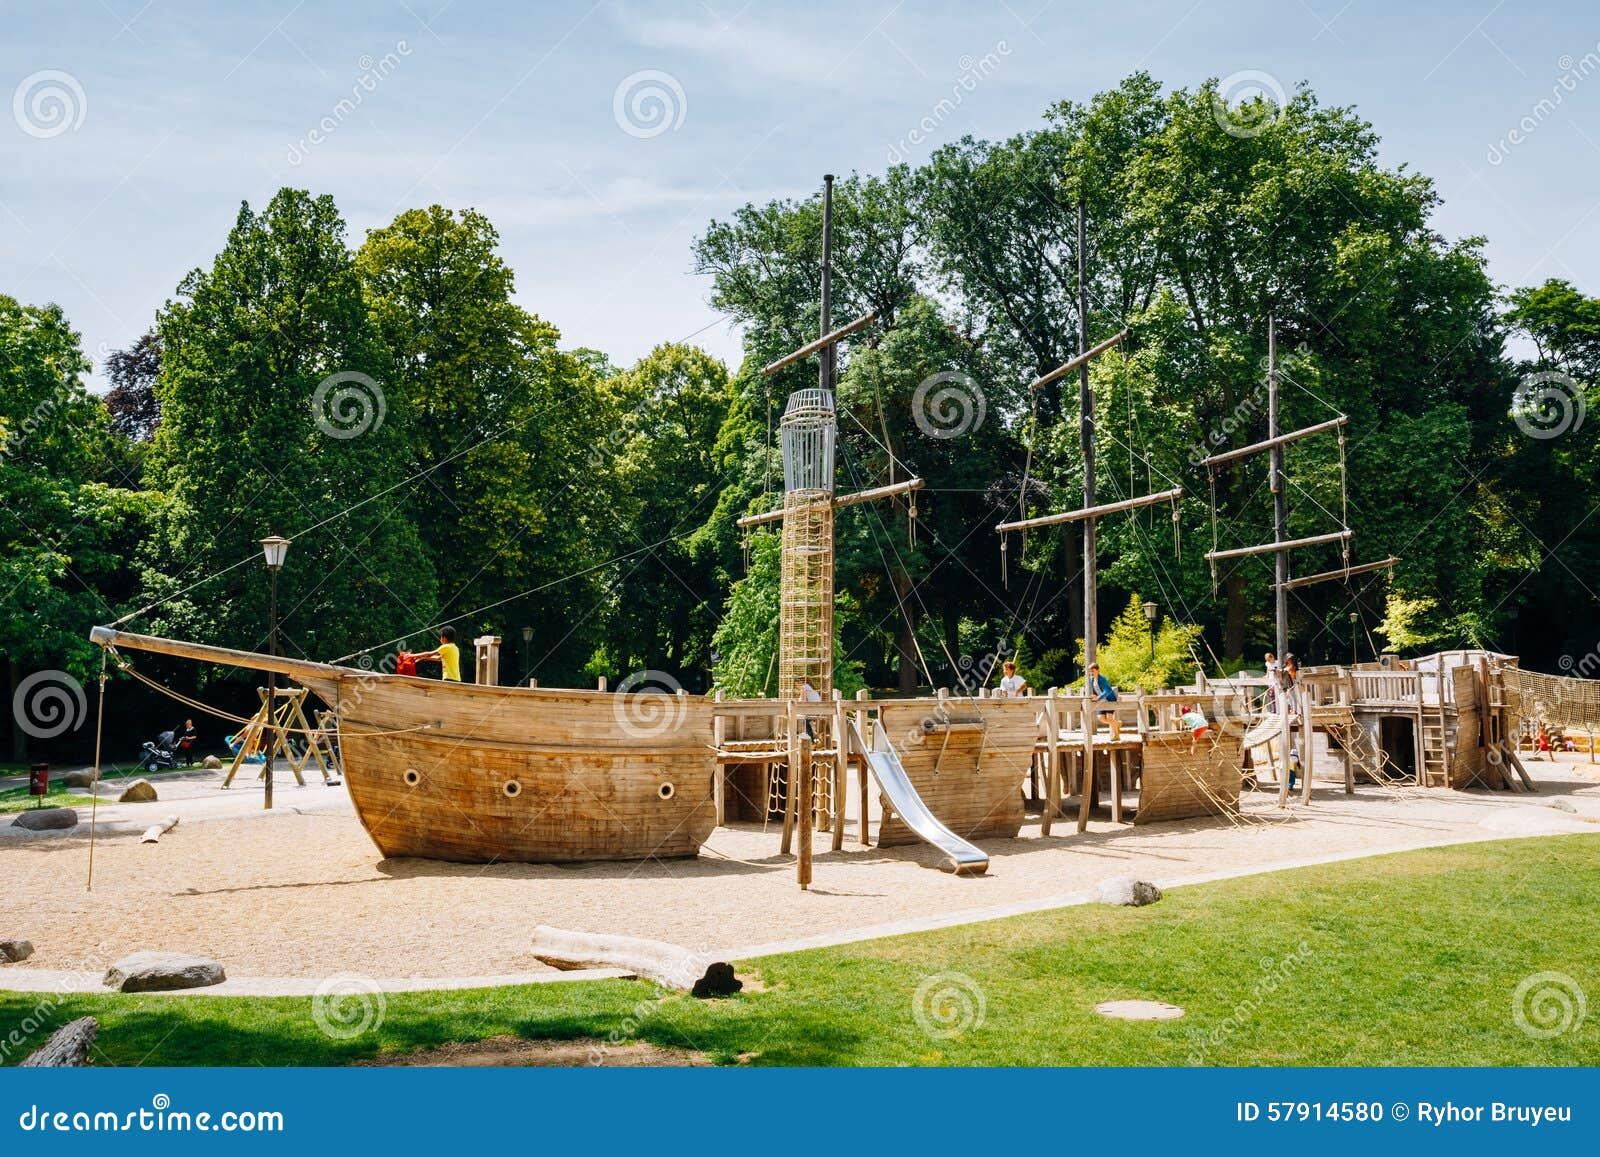 le bateau en bois de pirate a form le terrain de jeu d 39 enfant en parc image ditorial image. Black Bedroom Furniture Sets. Home Design Ideas